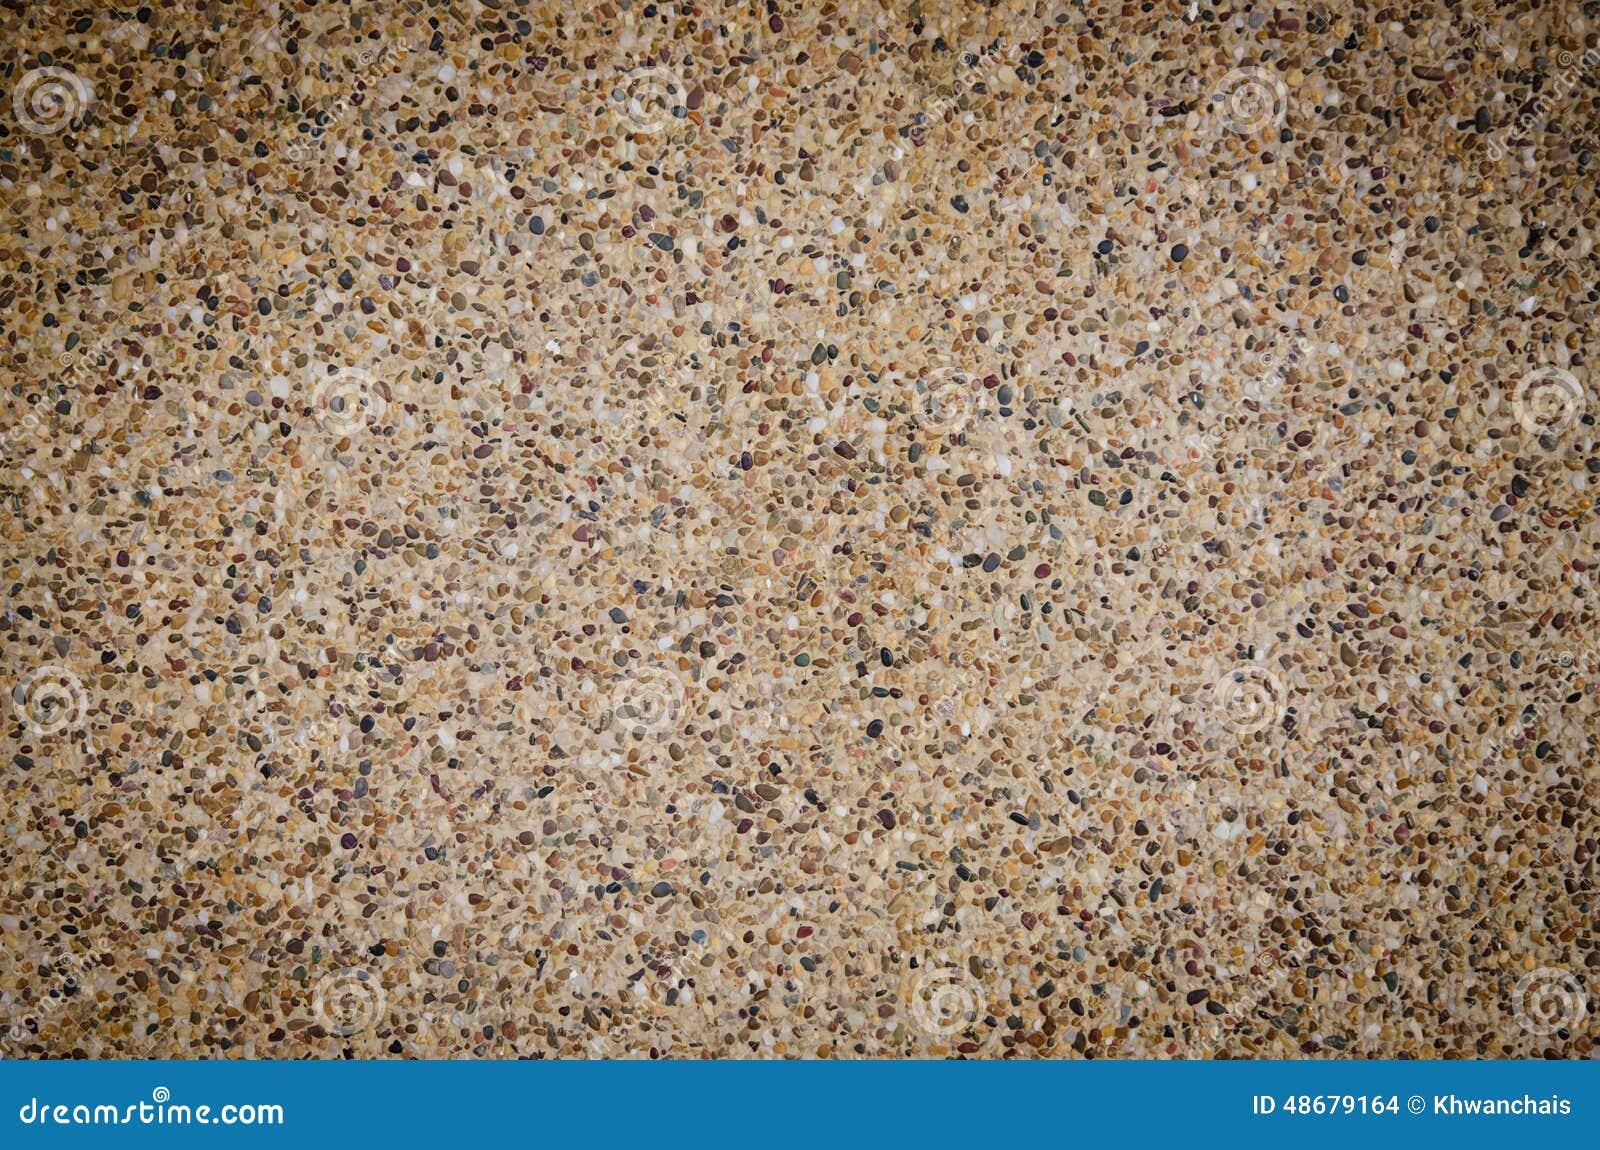 terrazzo floor background stock - photo #32